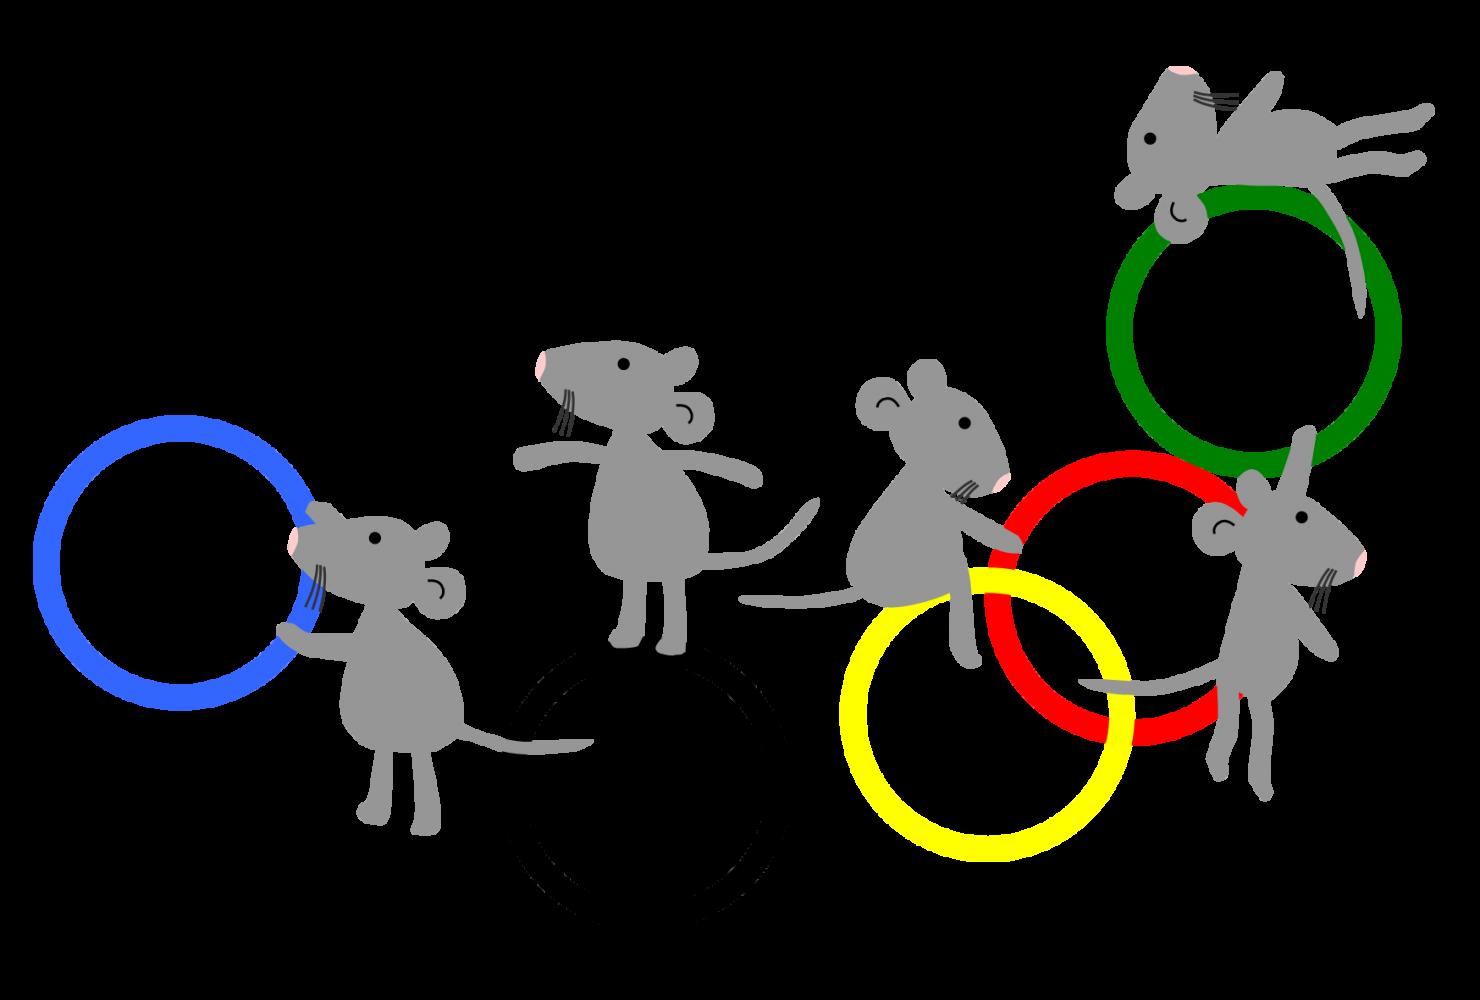 ねずみと五輪2 (ネズミ 子年年賀状素材 オリンピック)